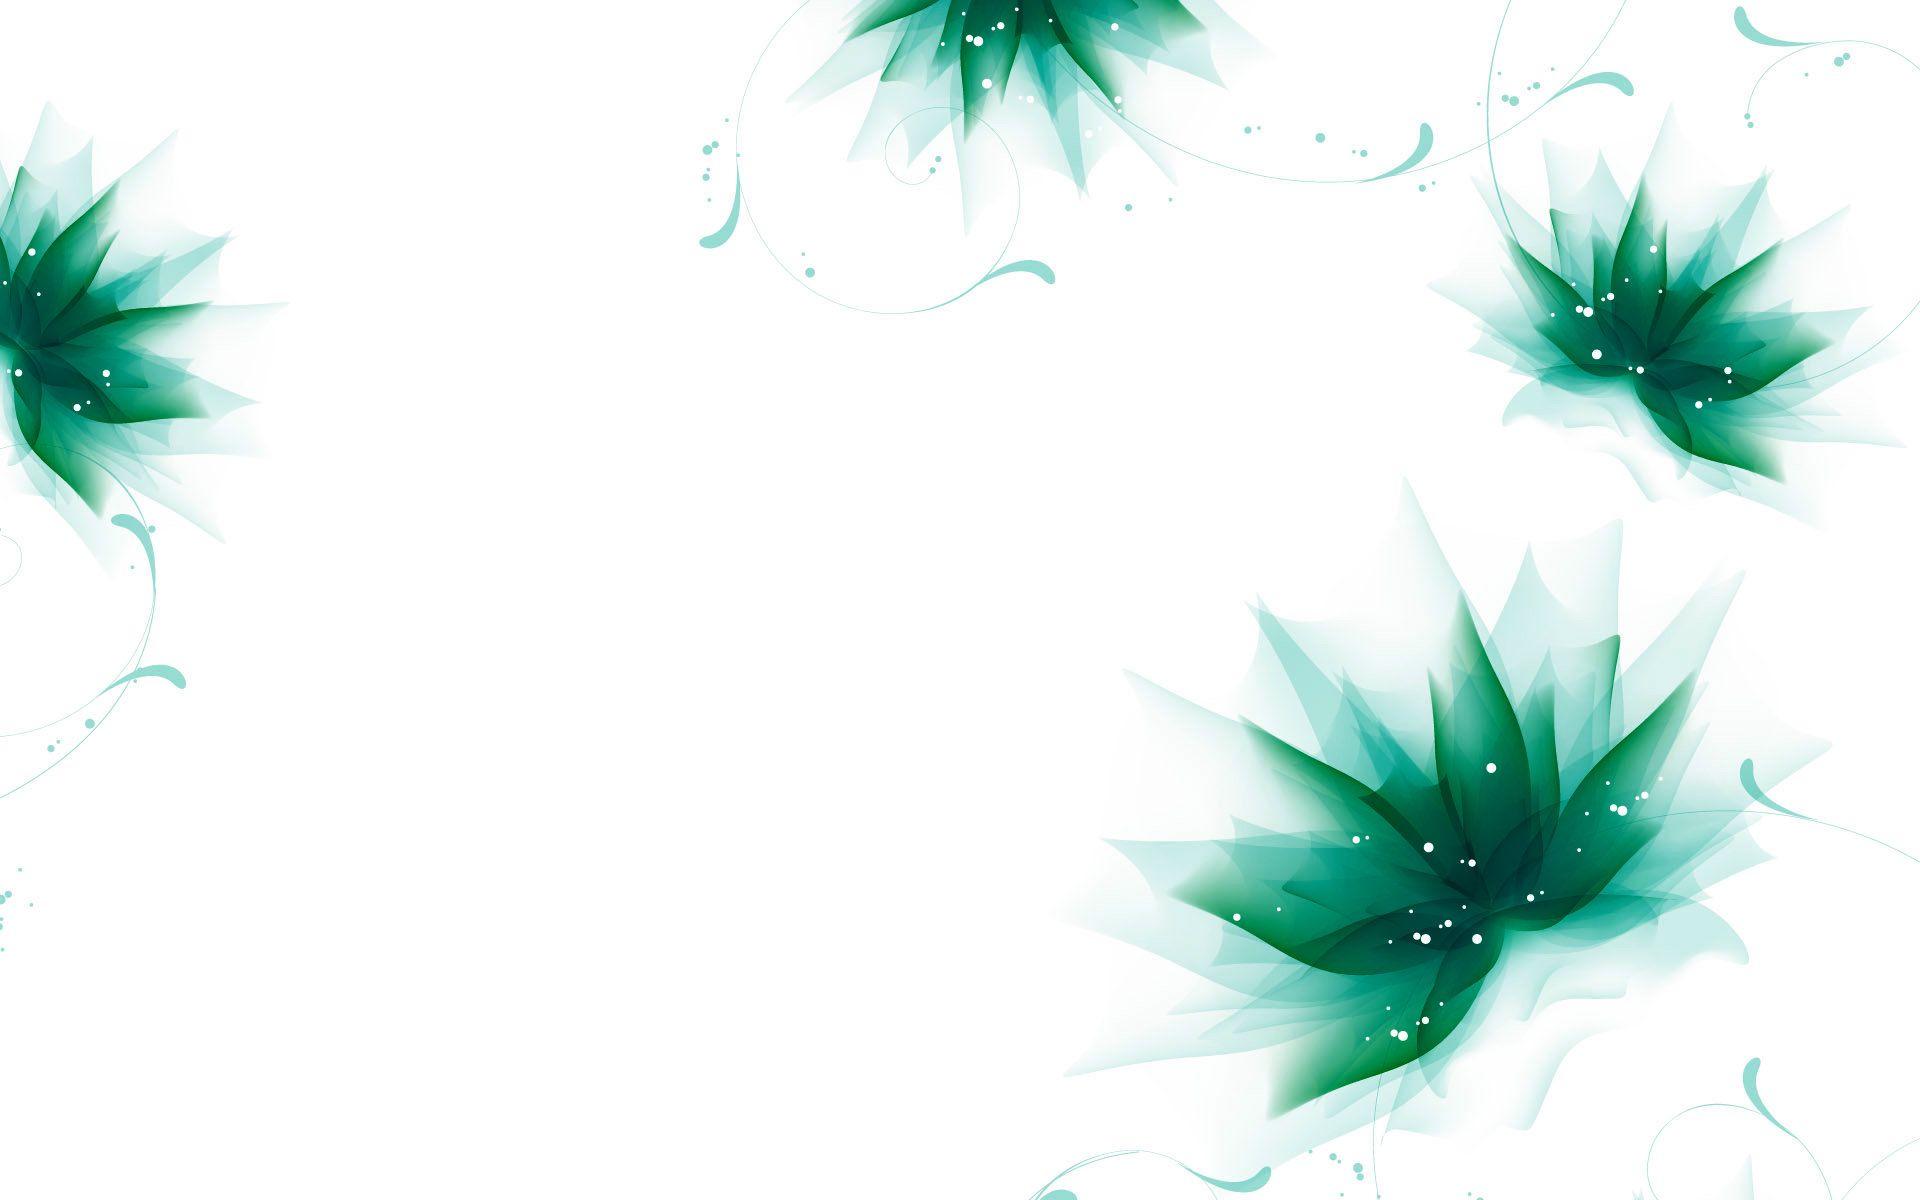 Hình nền trắng đẹp (16)